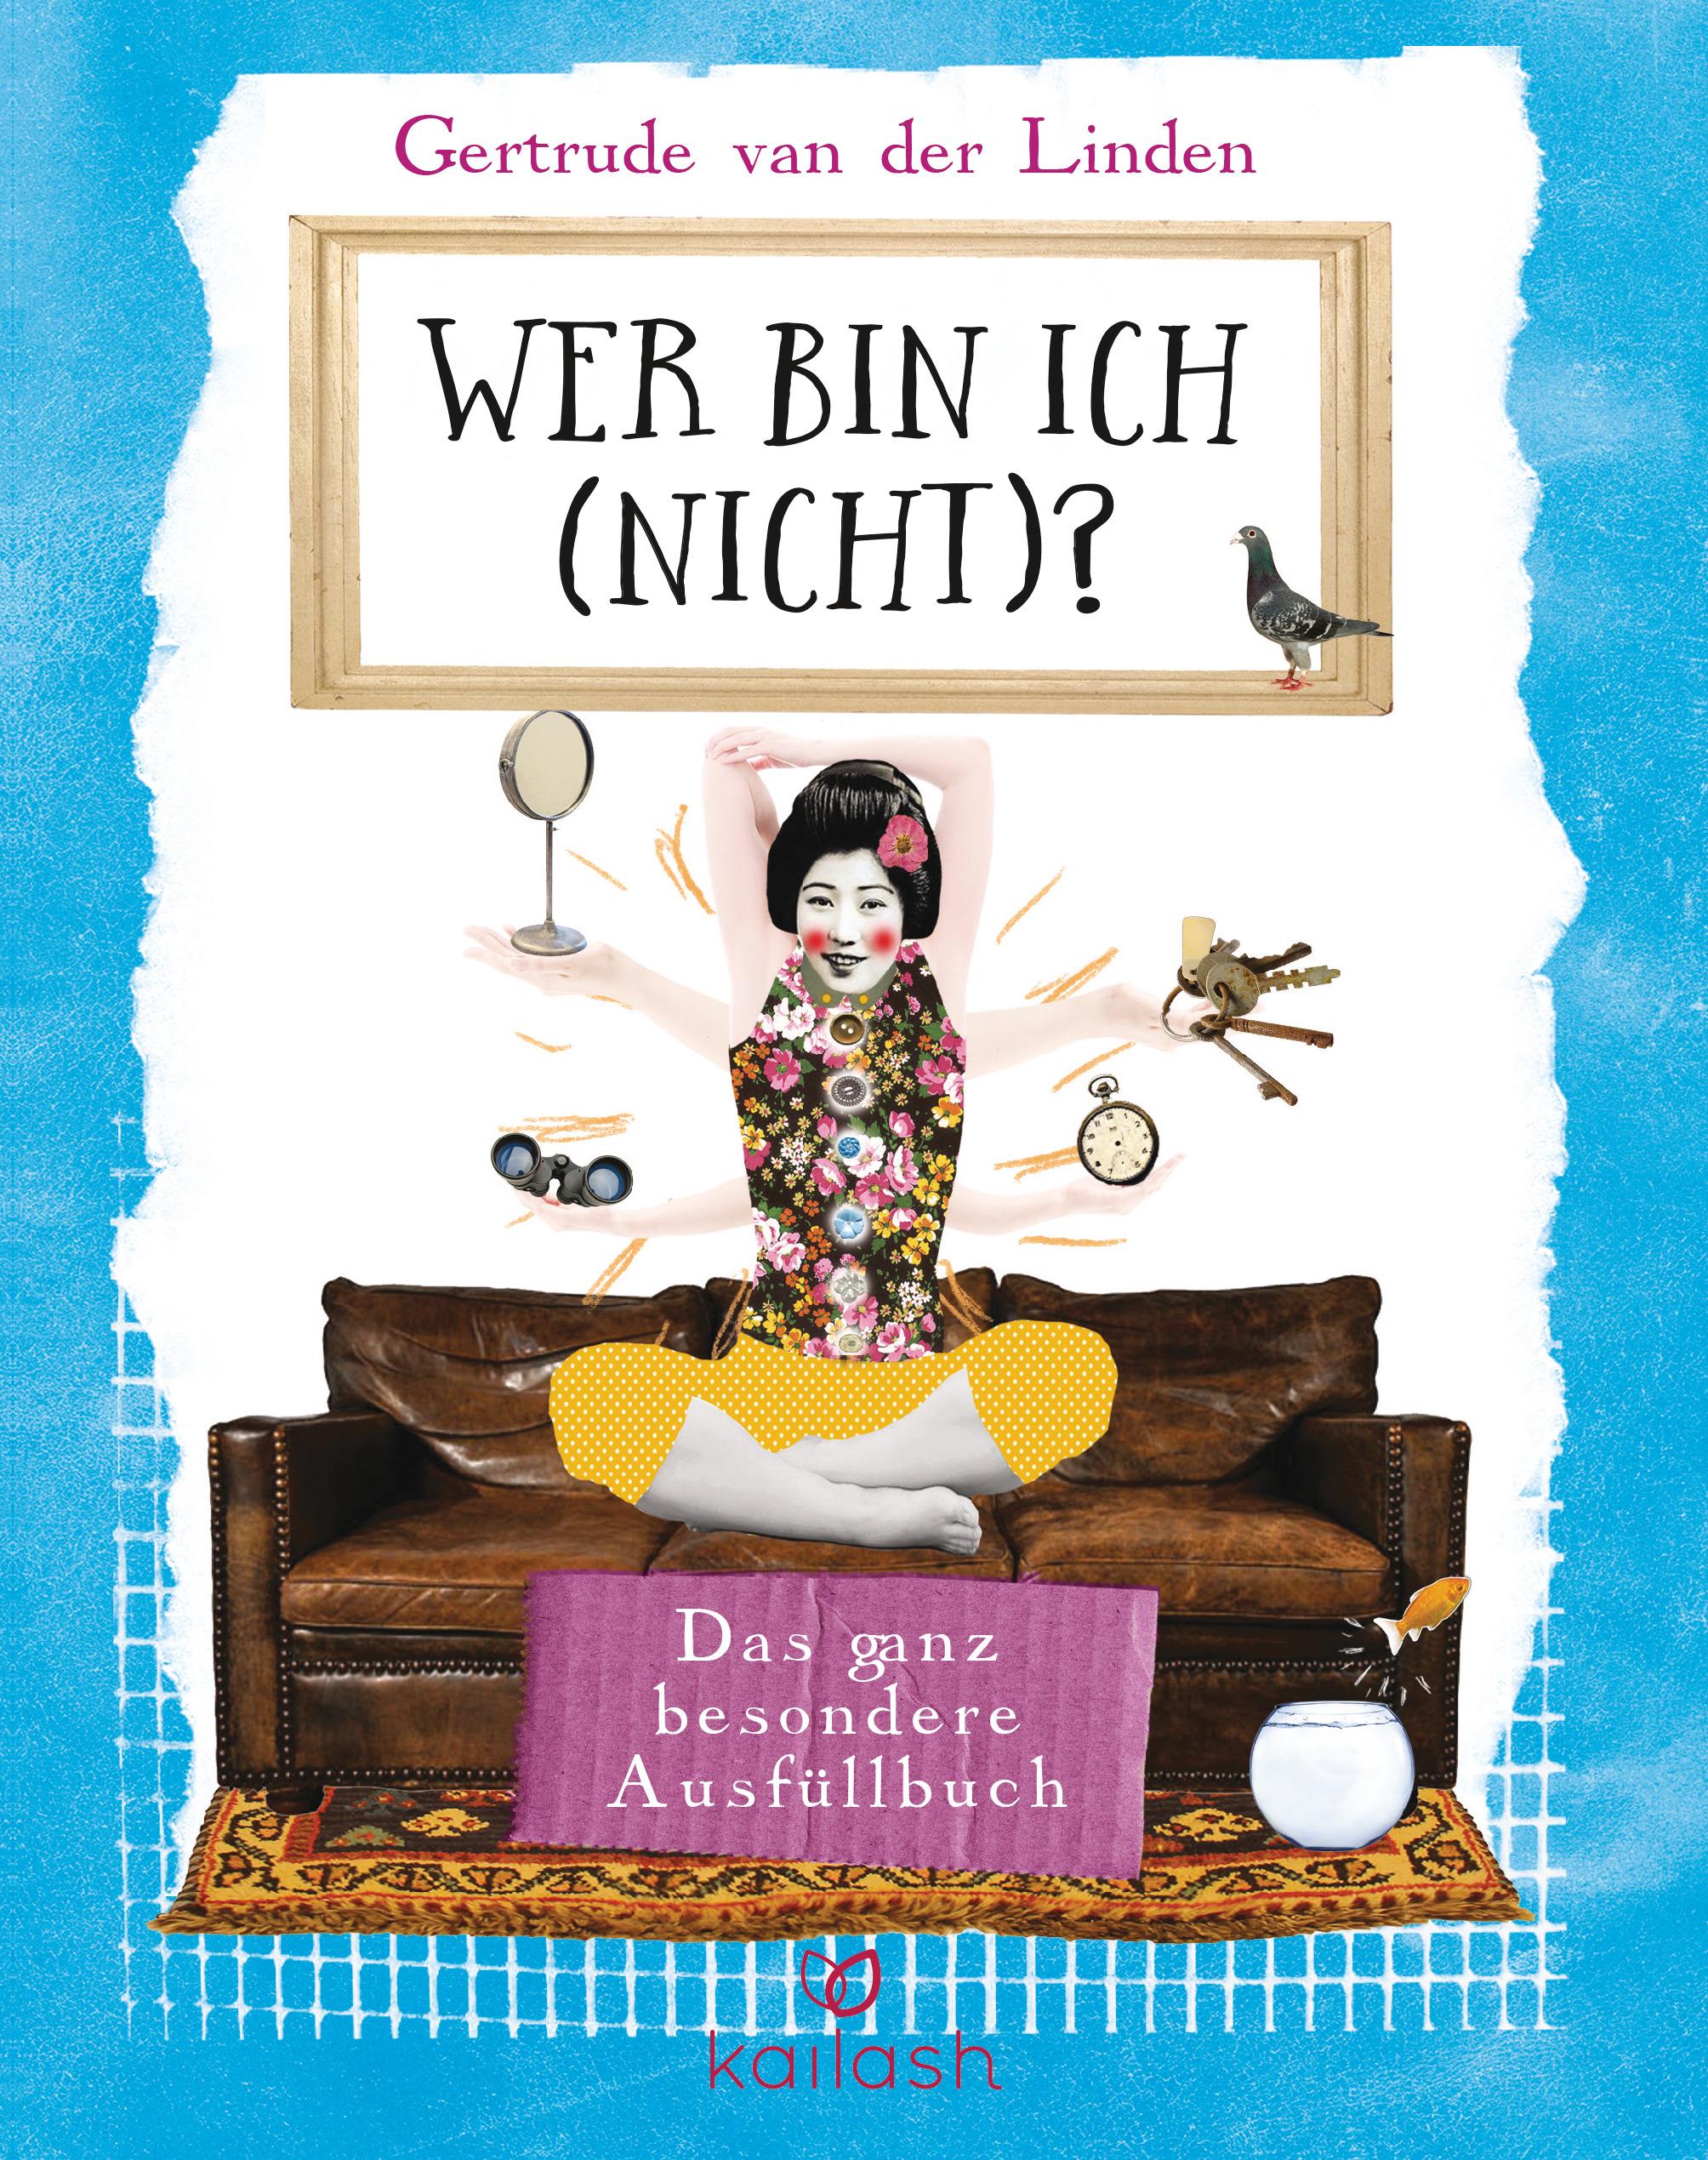 Wer bin ich (nicht)?, Gertrude van der Linden